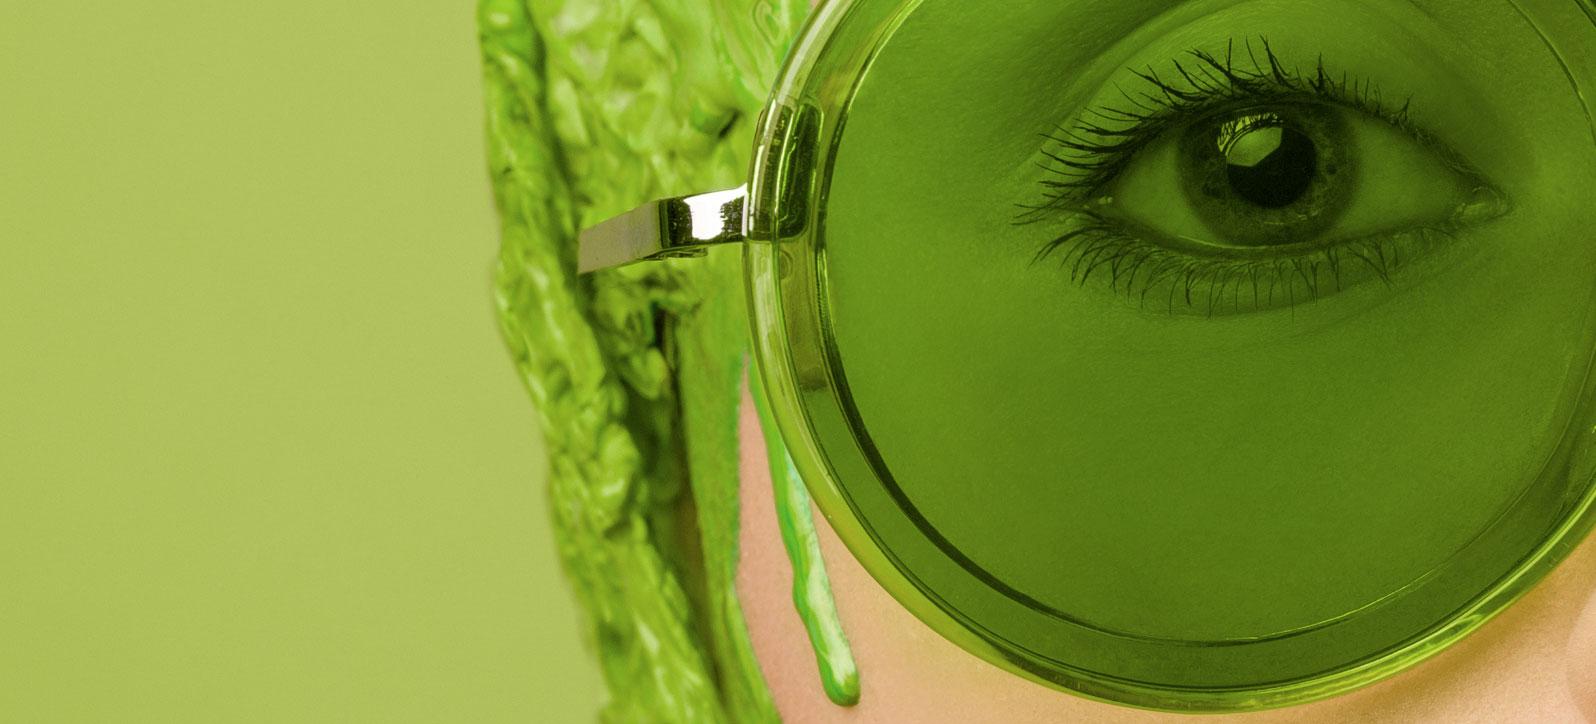 Ojo verde. Foto: Flora Borsi